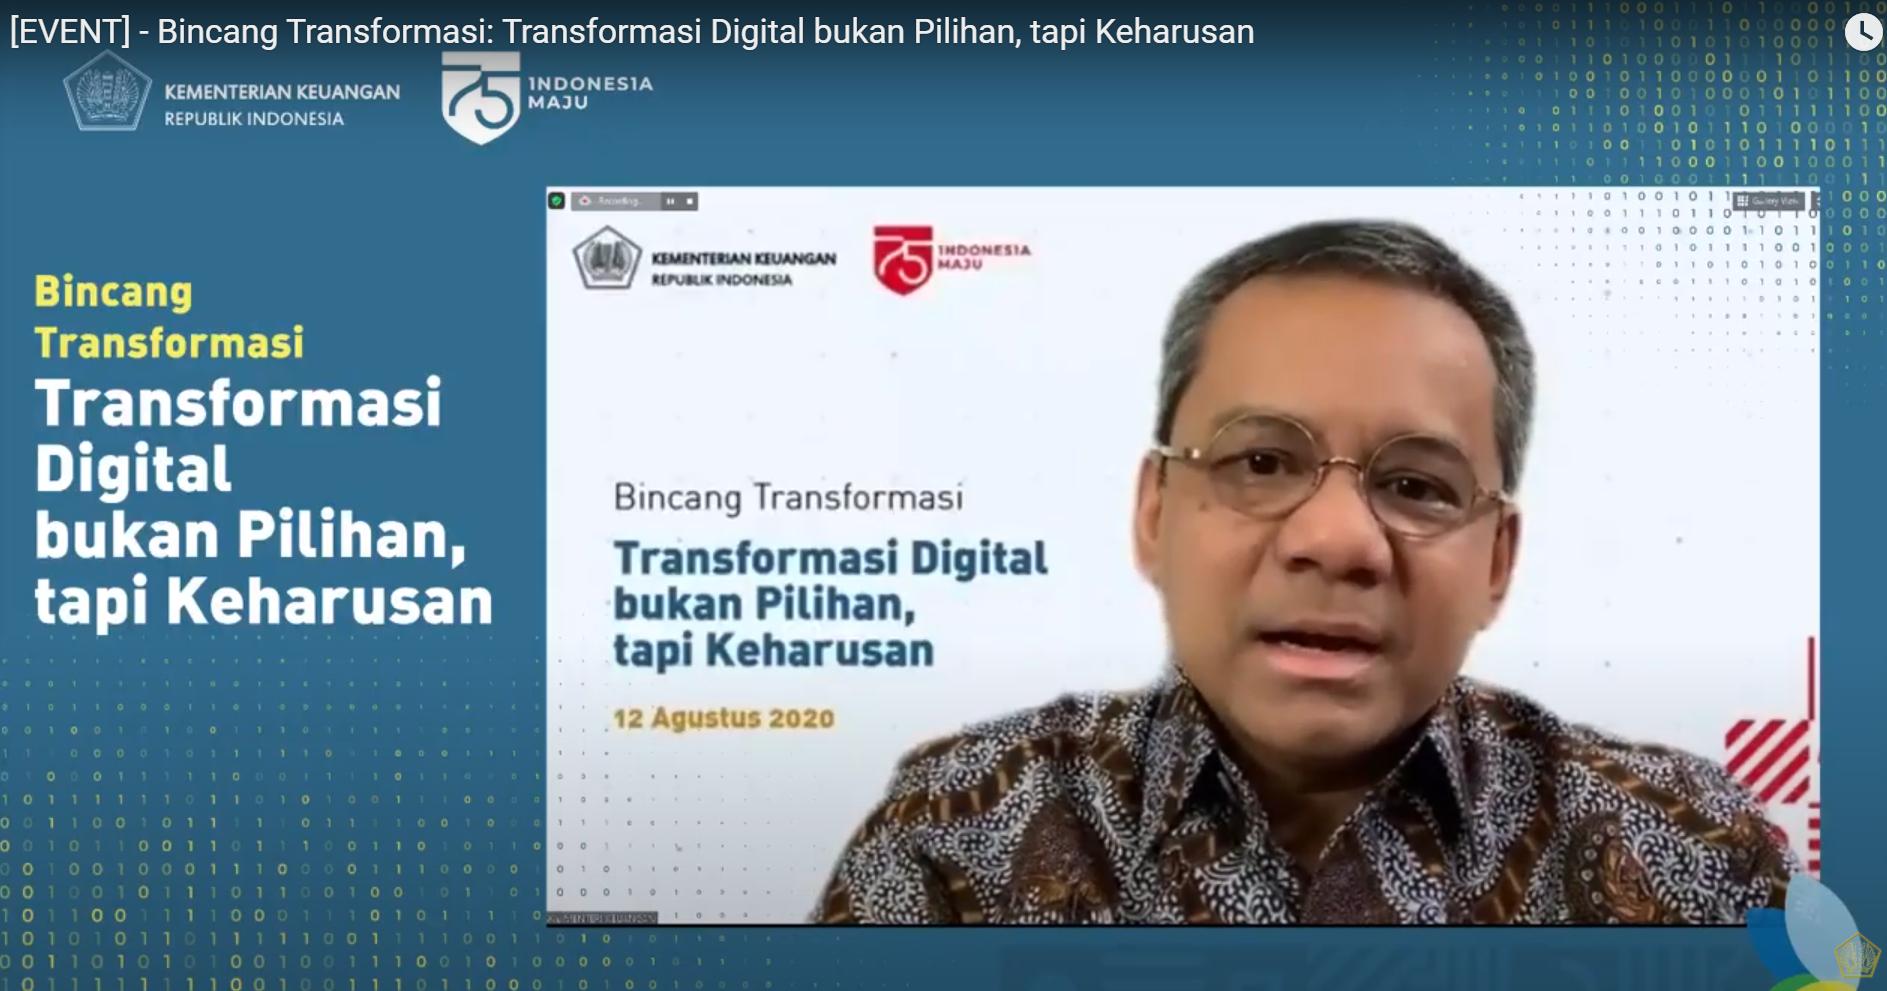 Bincang Transformasi: Transformasi Digital bukan Pilihan, tapi Keharusan